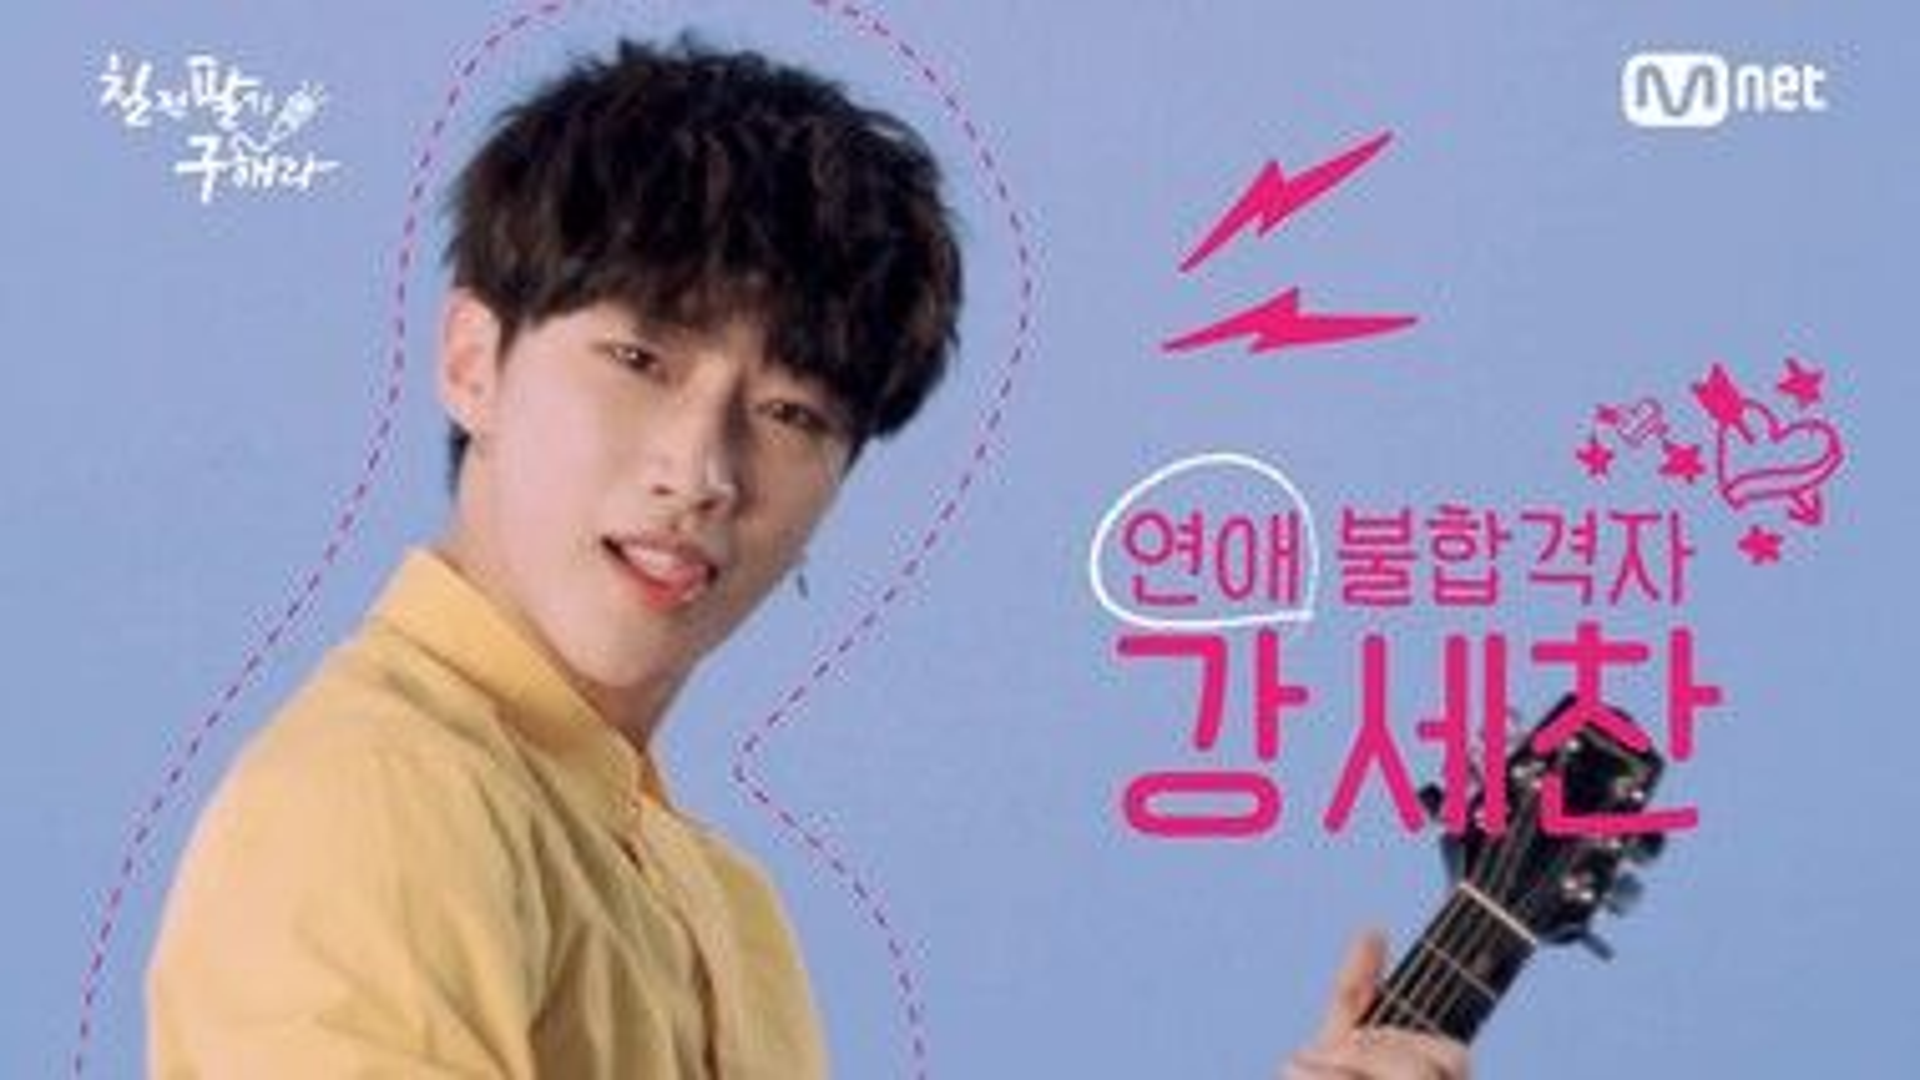 Persevere, Goo Hae Ra (aka Sing Again, Hera Gu) Teaser2: Persevere, Goo Hae Ra